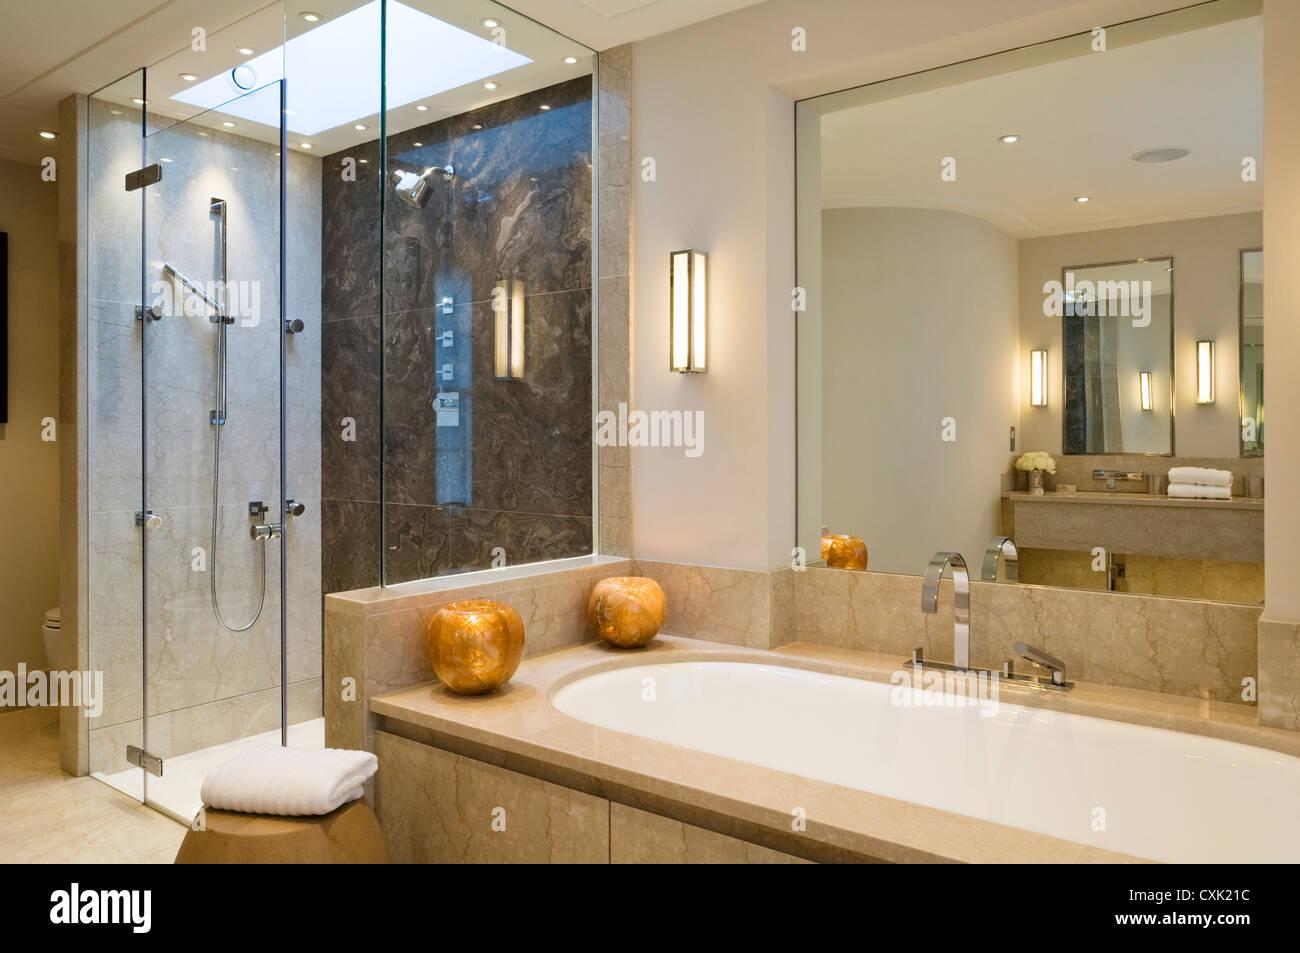 Bagno Doccia Neutro : Colore bagno interiore accesa la luce salvietta ripiegata